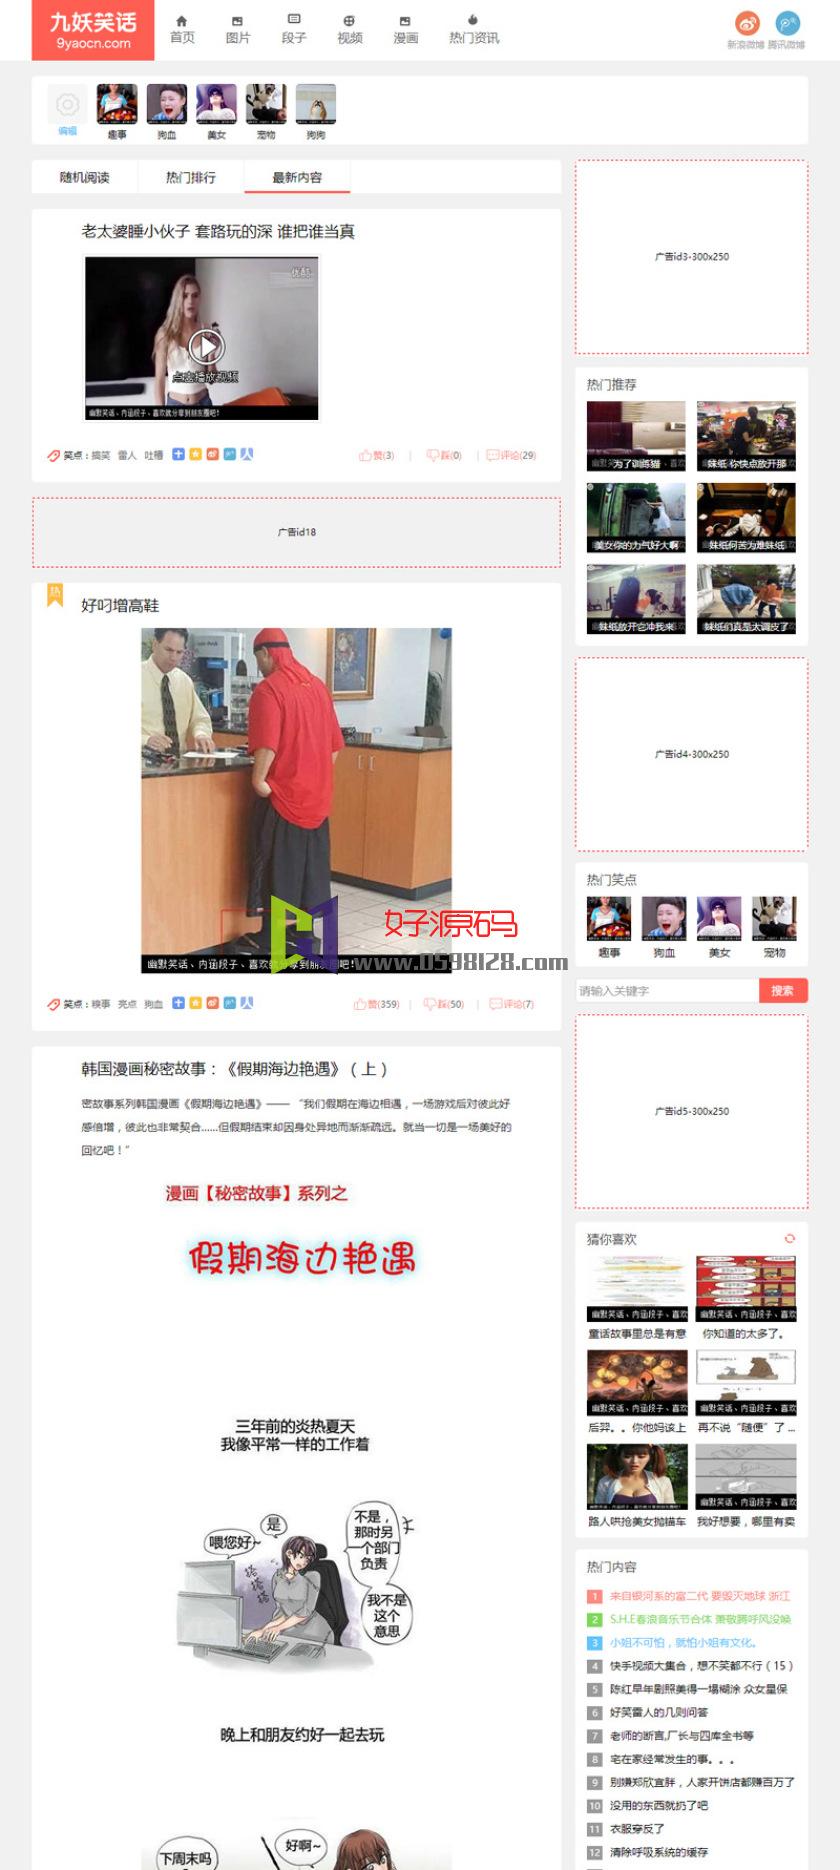 最新92kaifa仿《九妖笑话》段子网站源码分享,帝国CMS内核开发带手机版